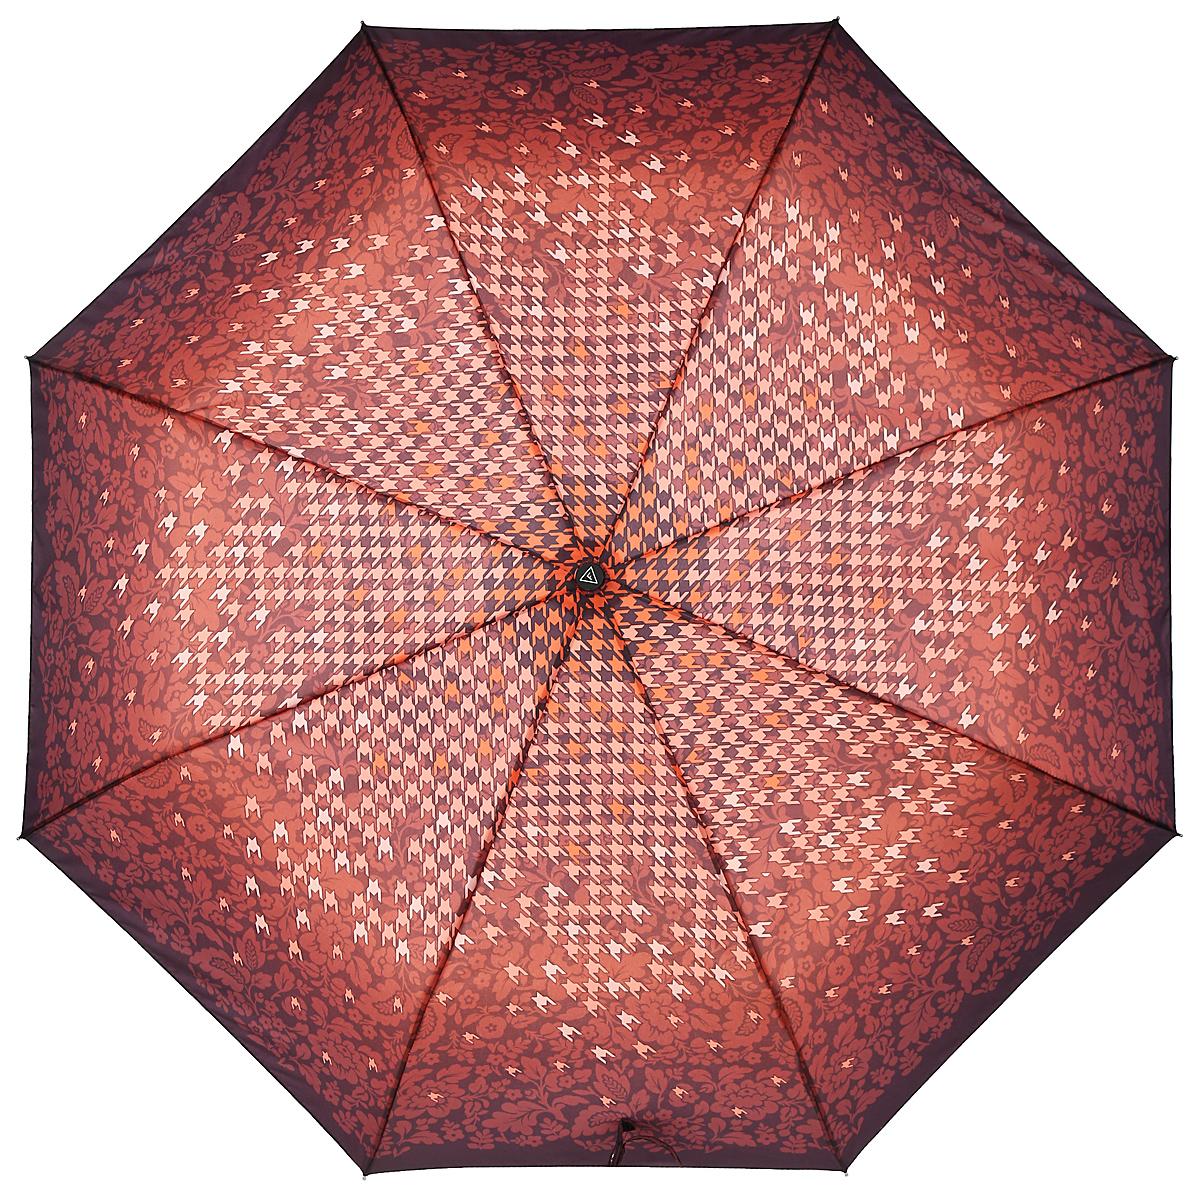 Зонт-автомат женский Fabretti, 3 сложения, цвет: коричневый, оранжевый. L-15114-5Fabretti L-15114-5Классический зонт торговой марки Fabretti, изготовленный из качественных материалов, идеально подойдет для девушек и женщин любых возрастов. Купол зонтика выполнен из полиэстера, обработанного водоотталкивающей пропиткой, и оформлен ярким орнаментом. Каркас зонта изготовлен из восьми металлических спиц, стержня и ручки с полиуретановым покрытием, разработанной с учетом эргономических требований. Зонт оснащен полным автоматическим механизмом в три сложения. Купол открывается и закрывается нажатием кнопки на рукоятке, благодаря чему открыть и закрыть зонт можно одной рукой, что чрезвычайно удобно при входе в транспорт или помещение, стержень складывается вручную до характерного щелчка. Рукоятка зонта для удобства оснащена шнурком, позволяющим при необходимости надеть зонт на руку. Компактные размеры зонта в сложенном виде позволят ему без труда поместиться в сумочке. Зонт поставляется в чехле. Женский зонт Fabretti не только выручит вас в...